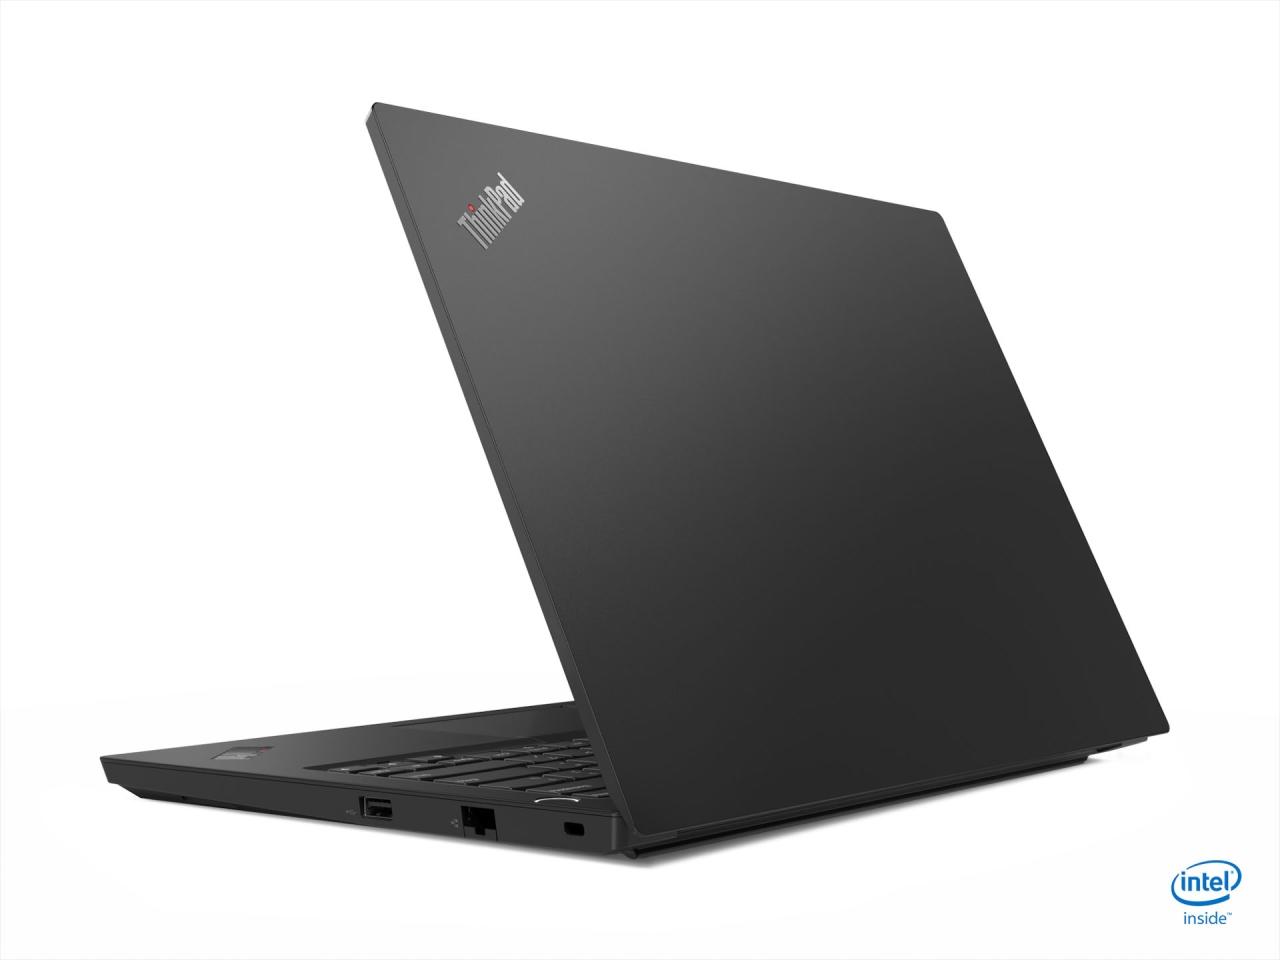 Lenovo ra mắt ThinkPad E14 và E15 mỏng nhẹ cho doanh nghiệp, độ bền chuẩn quân đội, chip Intel đời 10, pin tối đa trên 12 tiếng, giá từ 16,4 triệu đồng